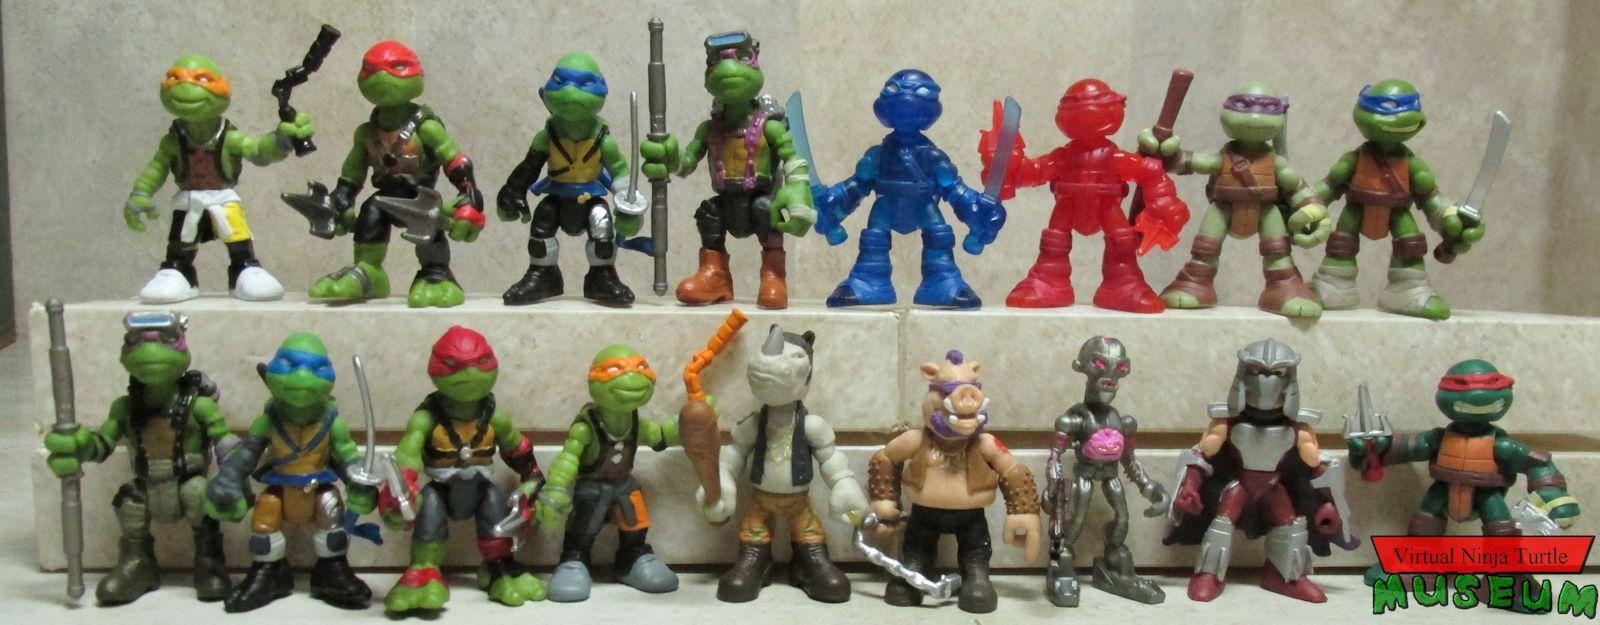 Rocksteady TMNT Ninja Turtles Out Of The Shadows Mini Figure Surprise Blind Bag